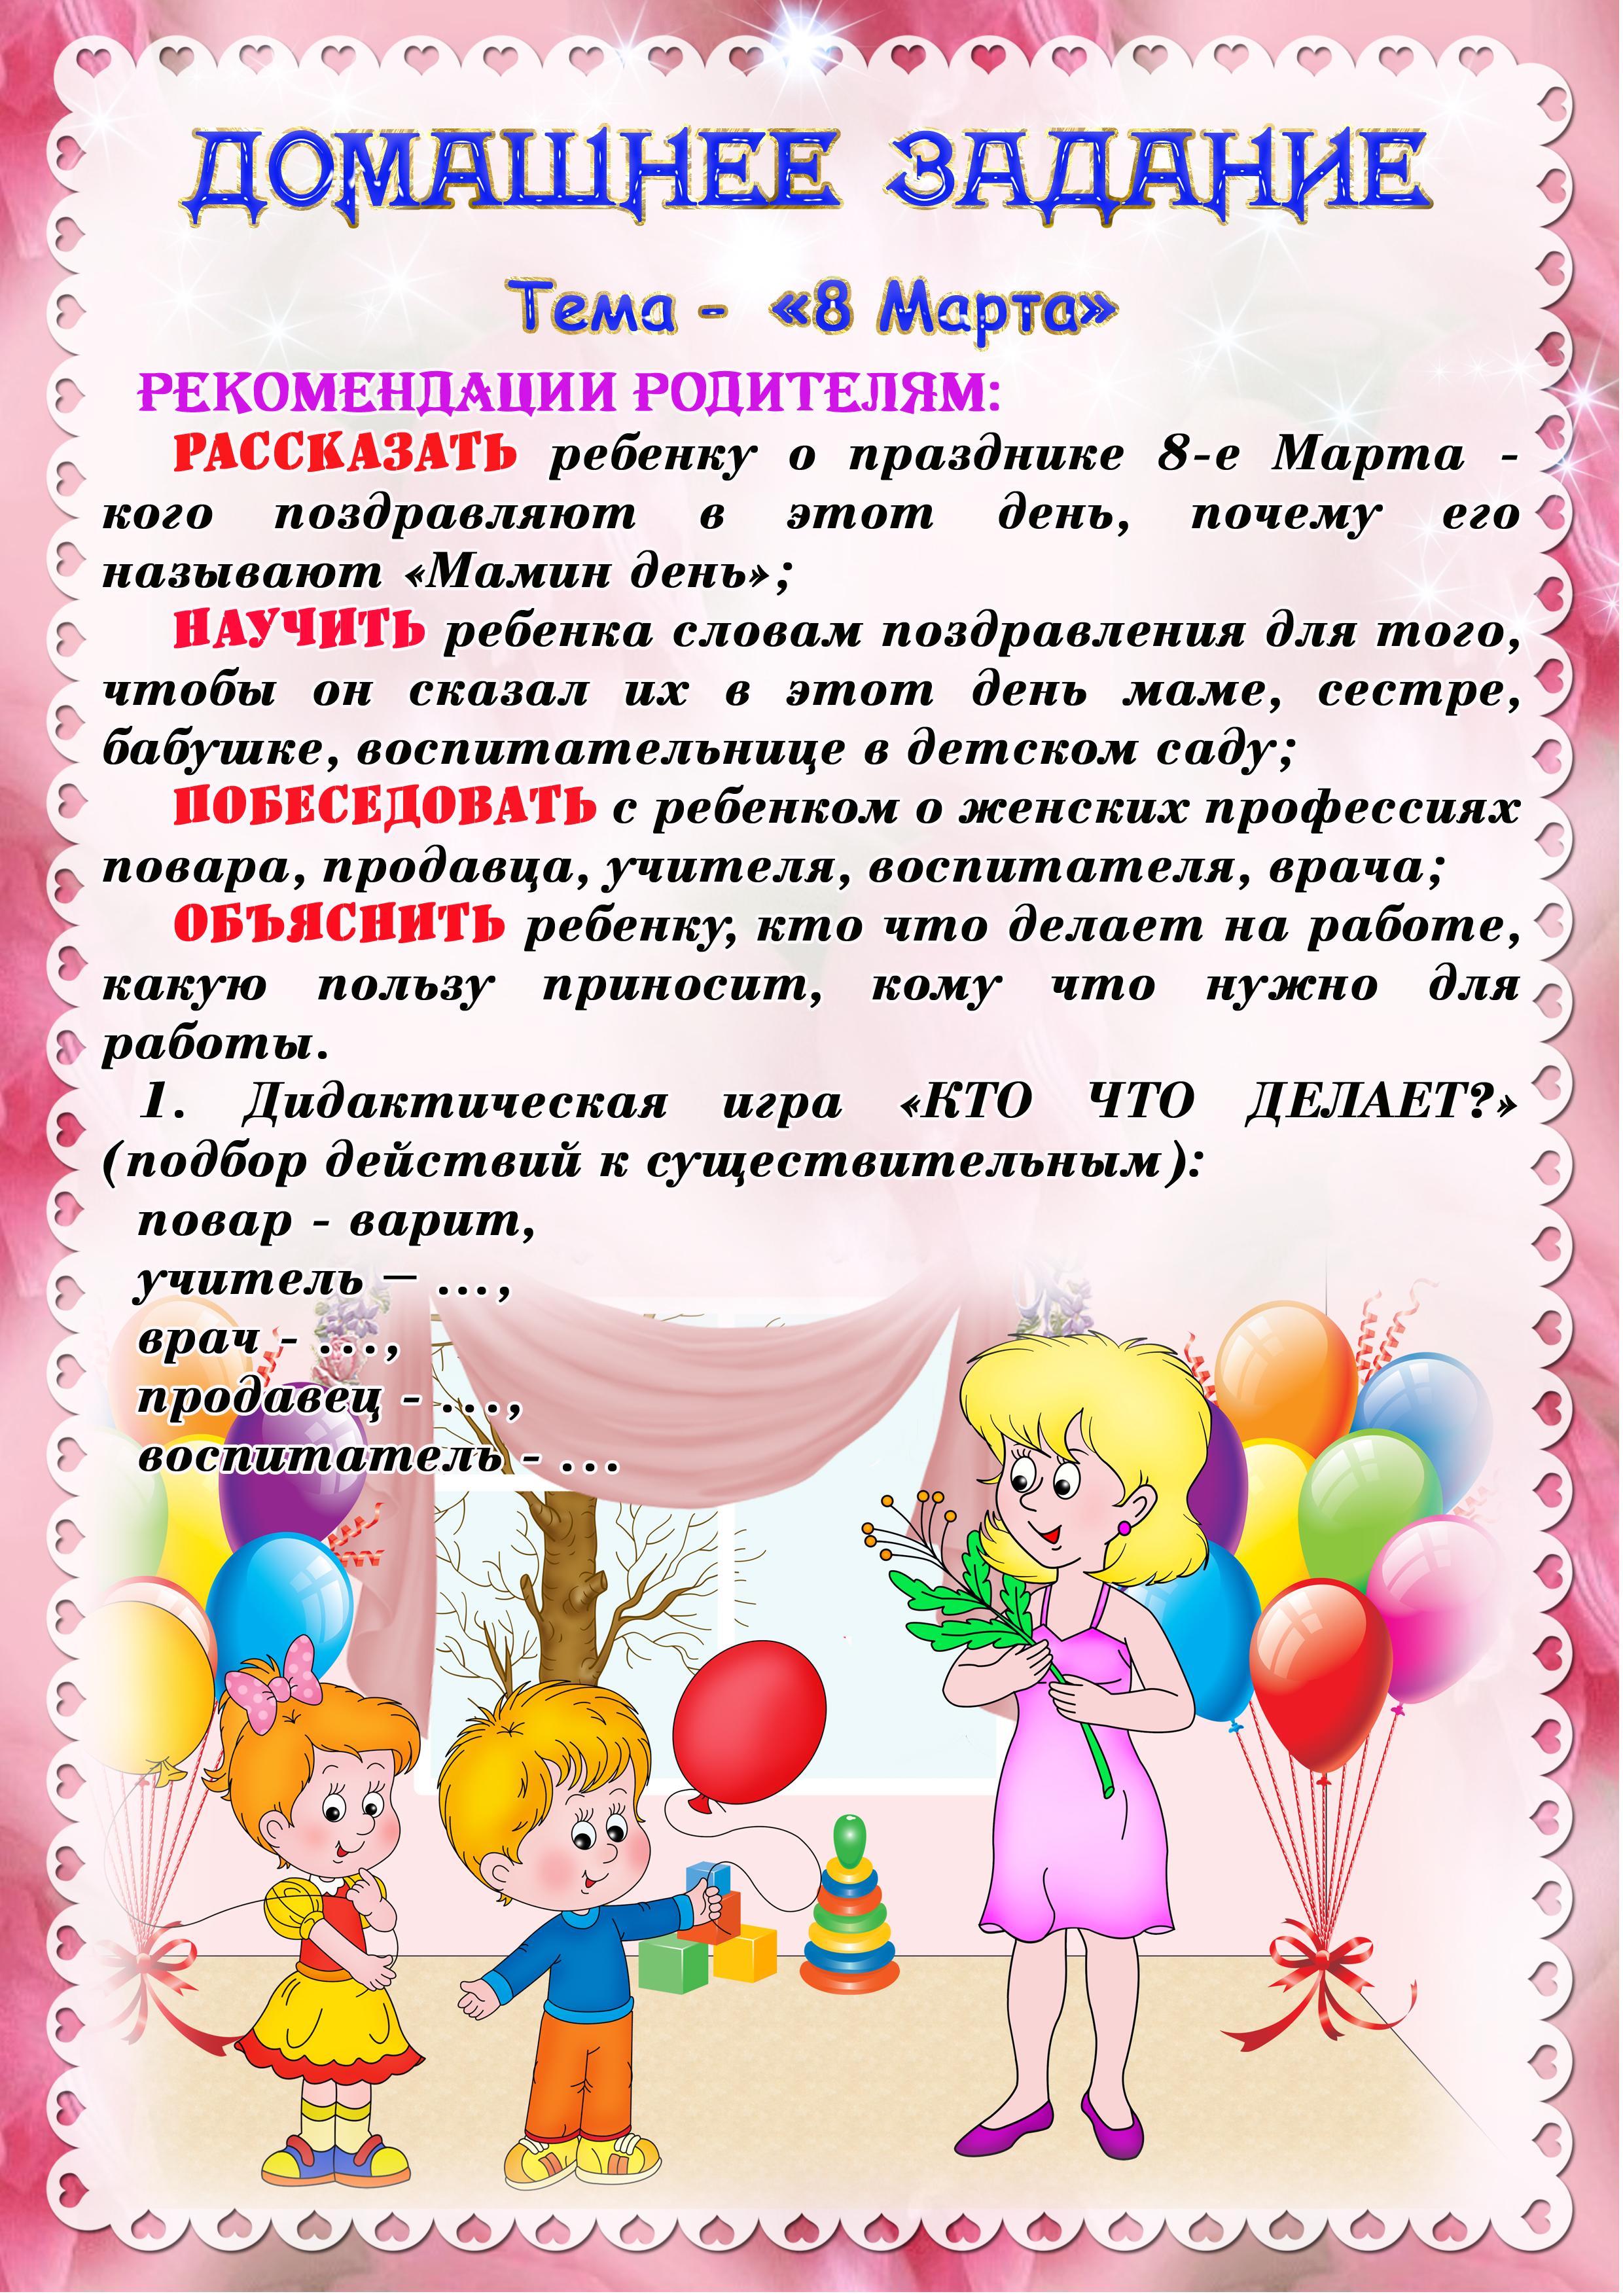 hello_html_m7a9dbb81.jpg